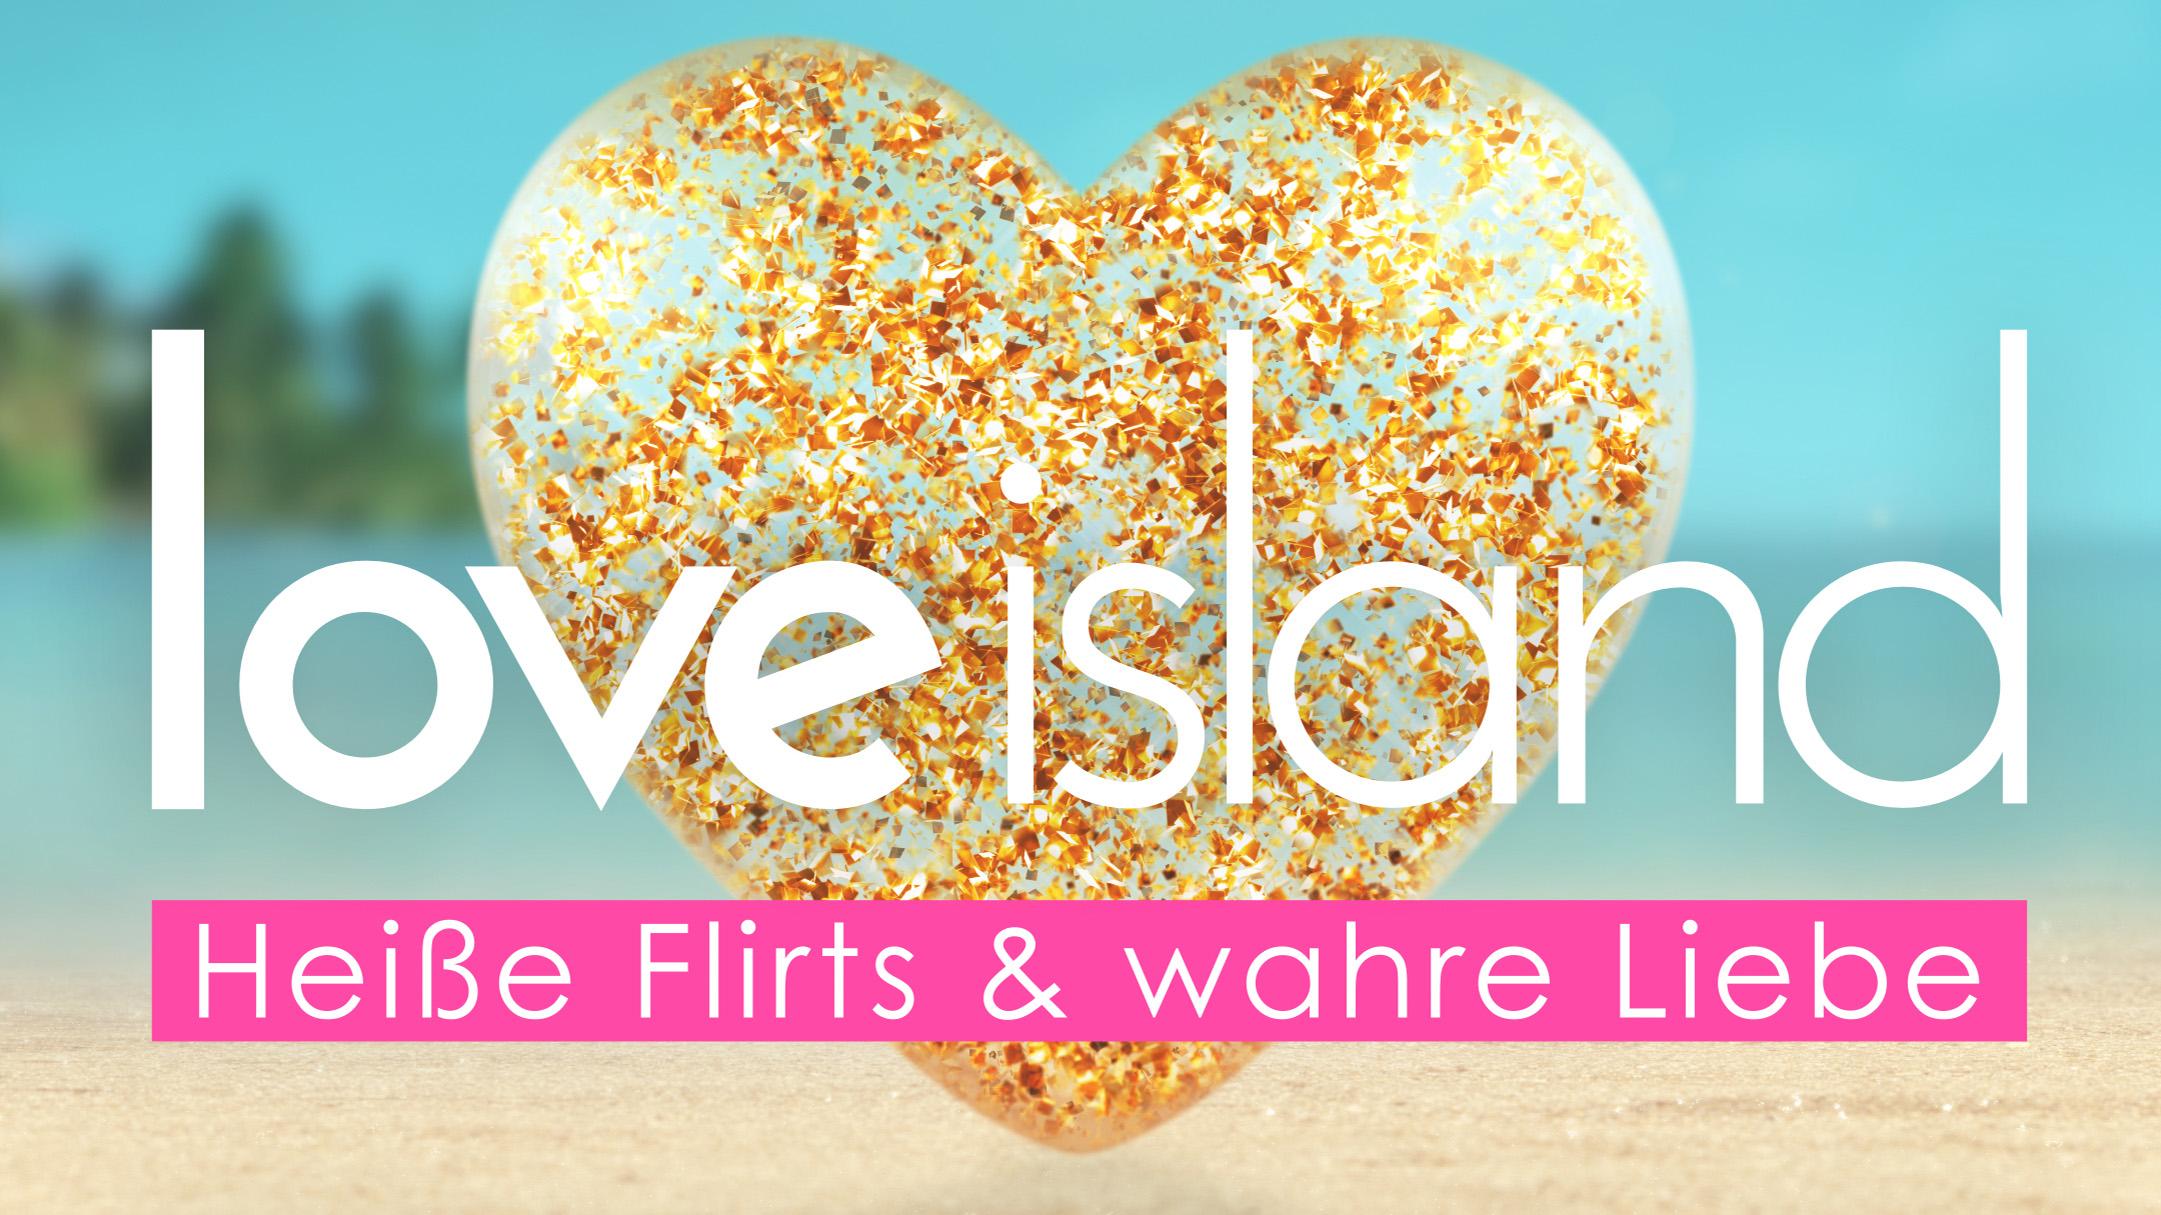 Liebe hat viele Facetten – Wer findet sein Traum-Date oder sogar die wahre Liebe?